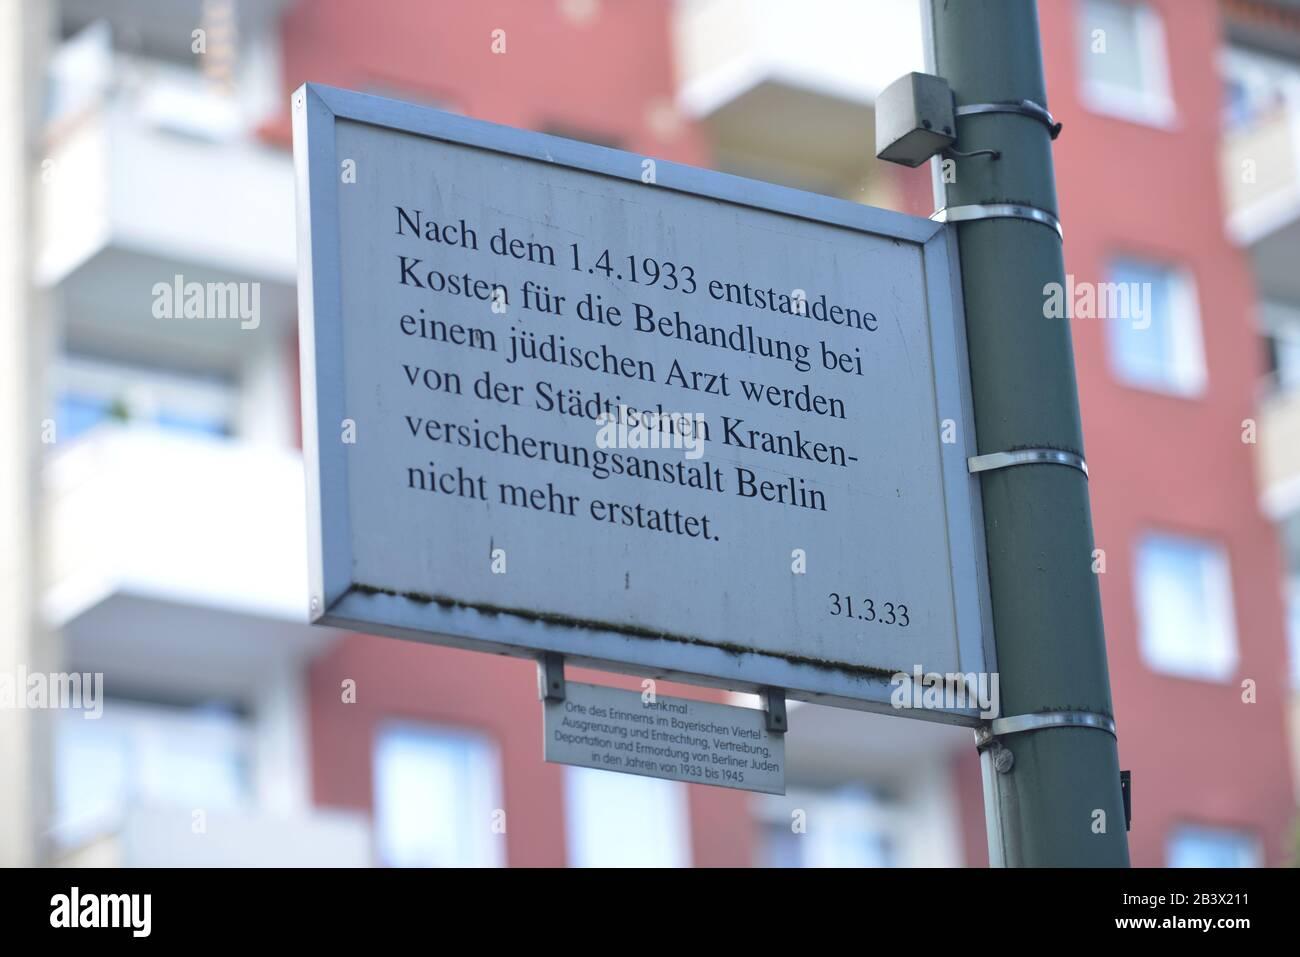 Gedenktafel, Judenverfolgung, Bayerisches Viertel, Schoeneberg, Berlin, Deutschland / Schöneberg Stock Photo